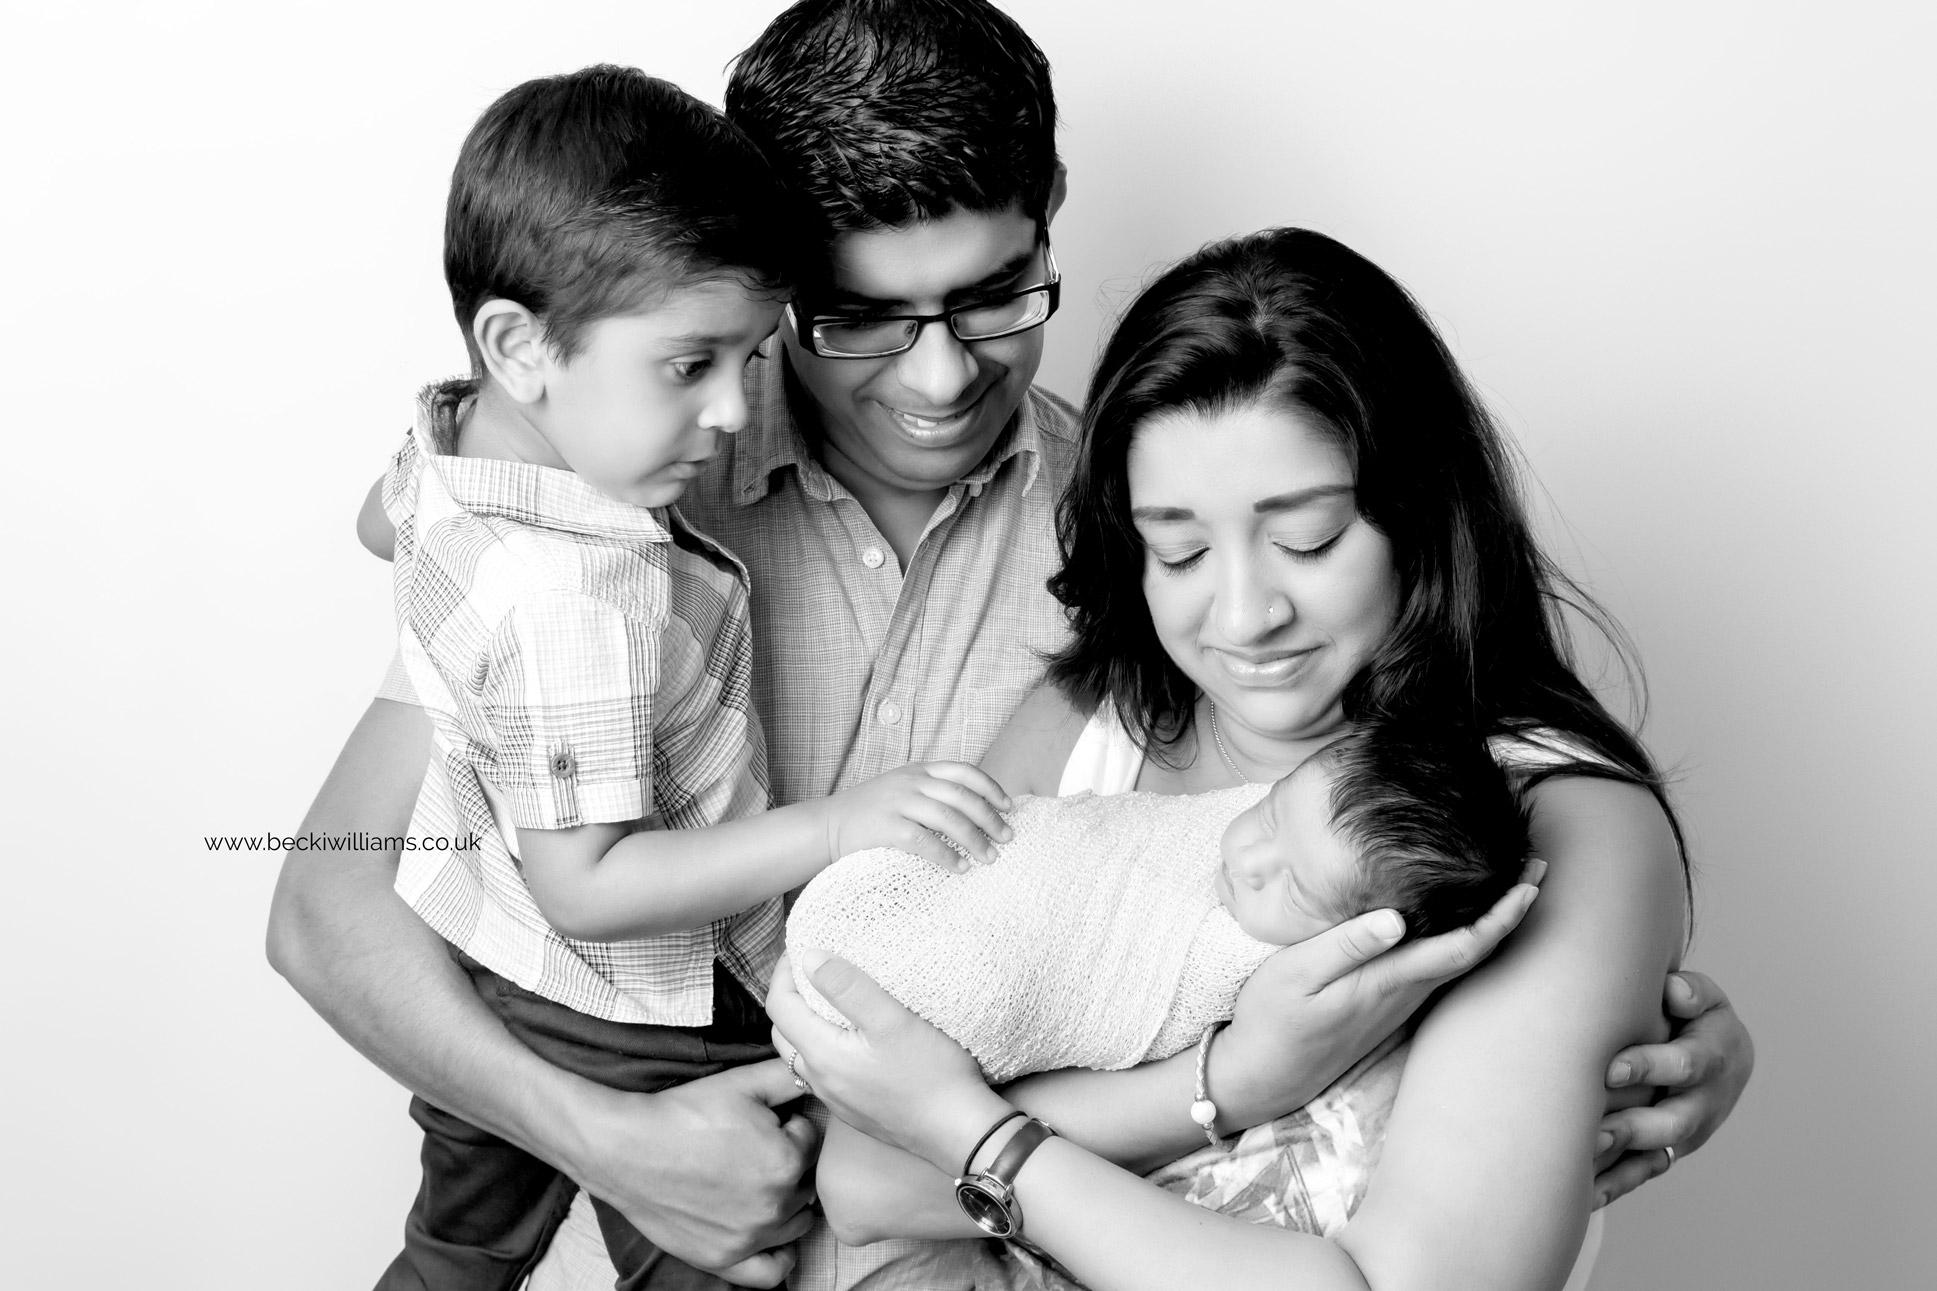 photographer-in-hemel-hempstead-newborn-baby-studio-19.jpg